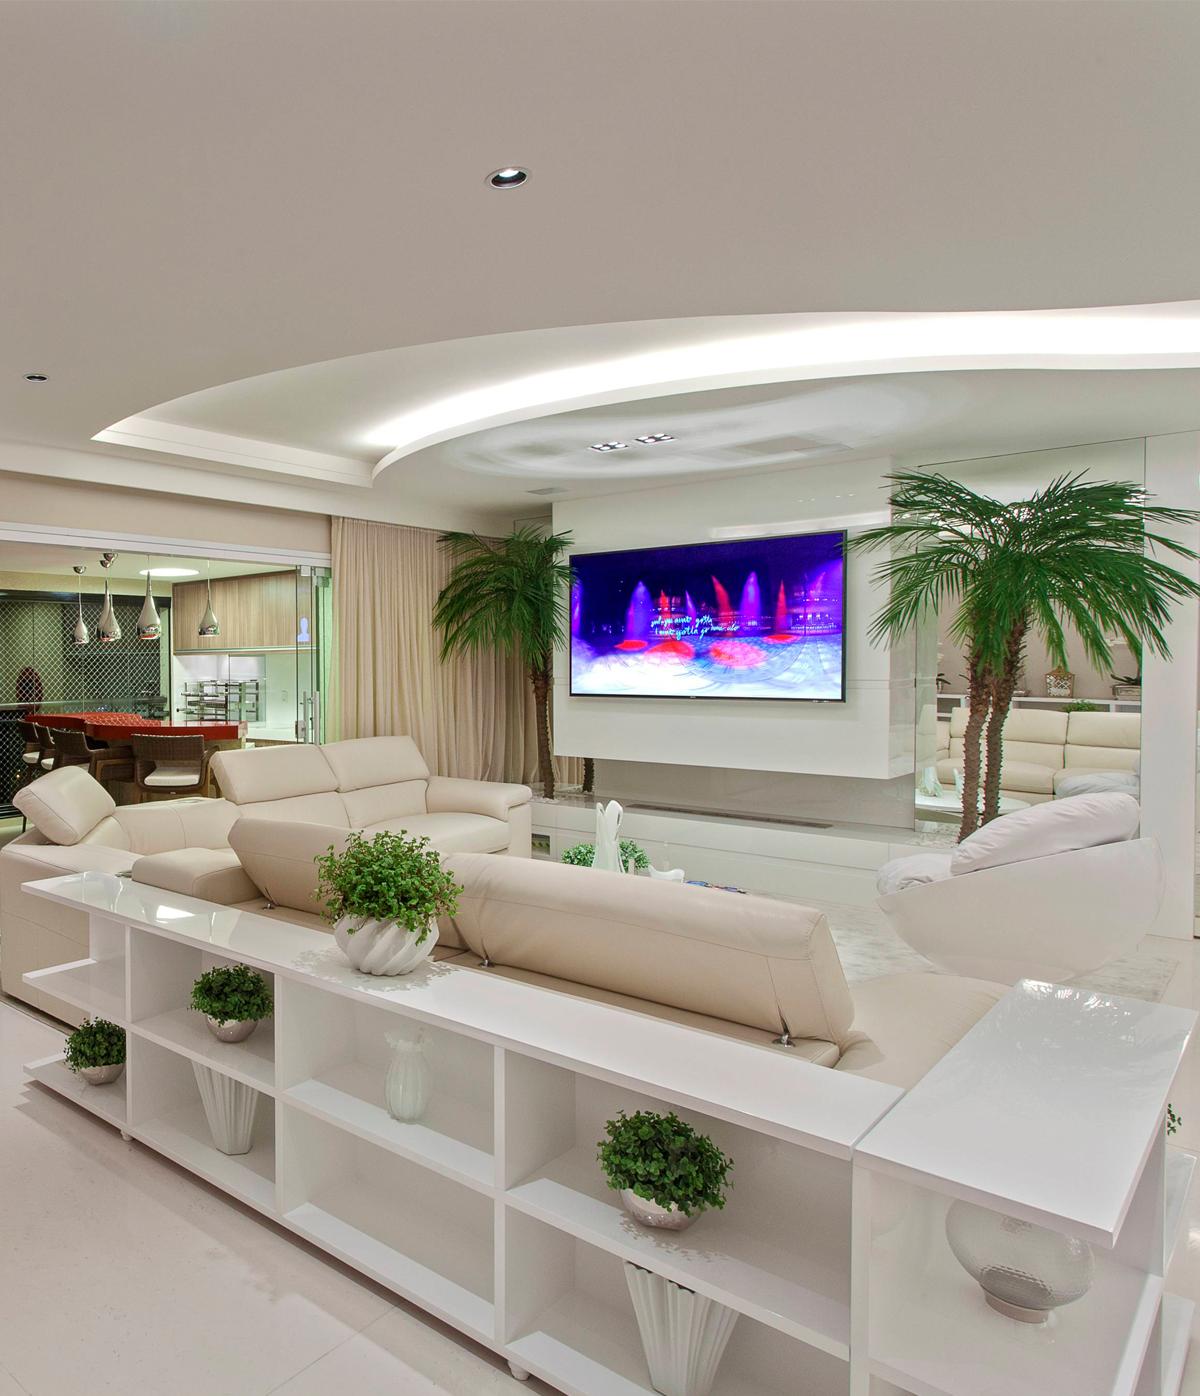 sofas modernos para sala de tv model sofa bed com aparadores otima opcao salas integradas decorsalteado